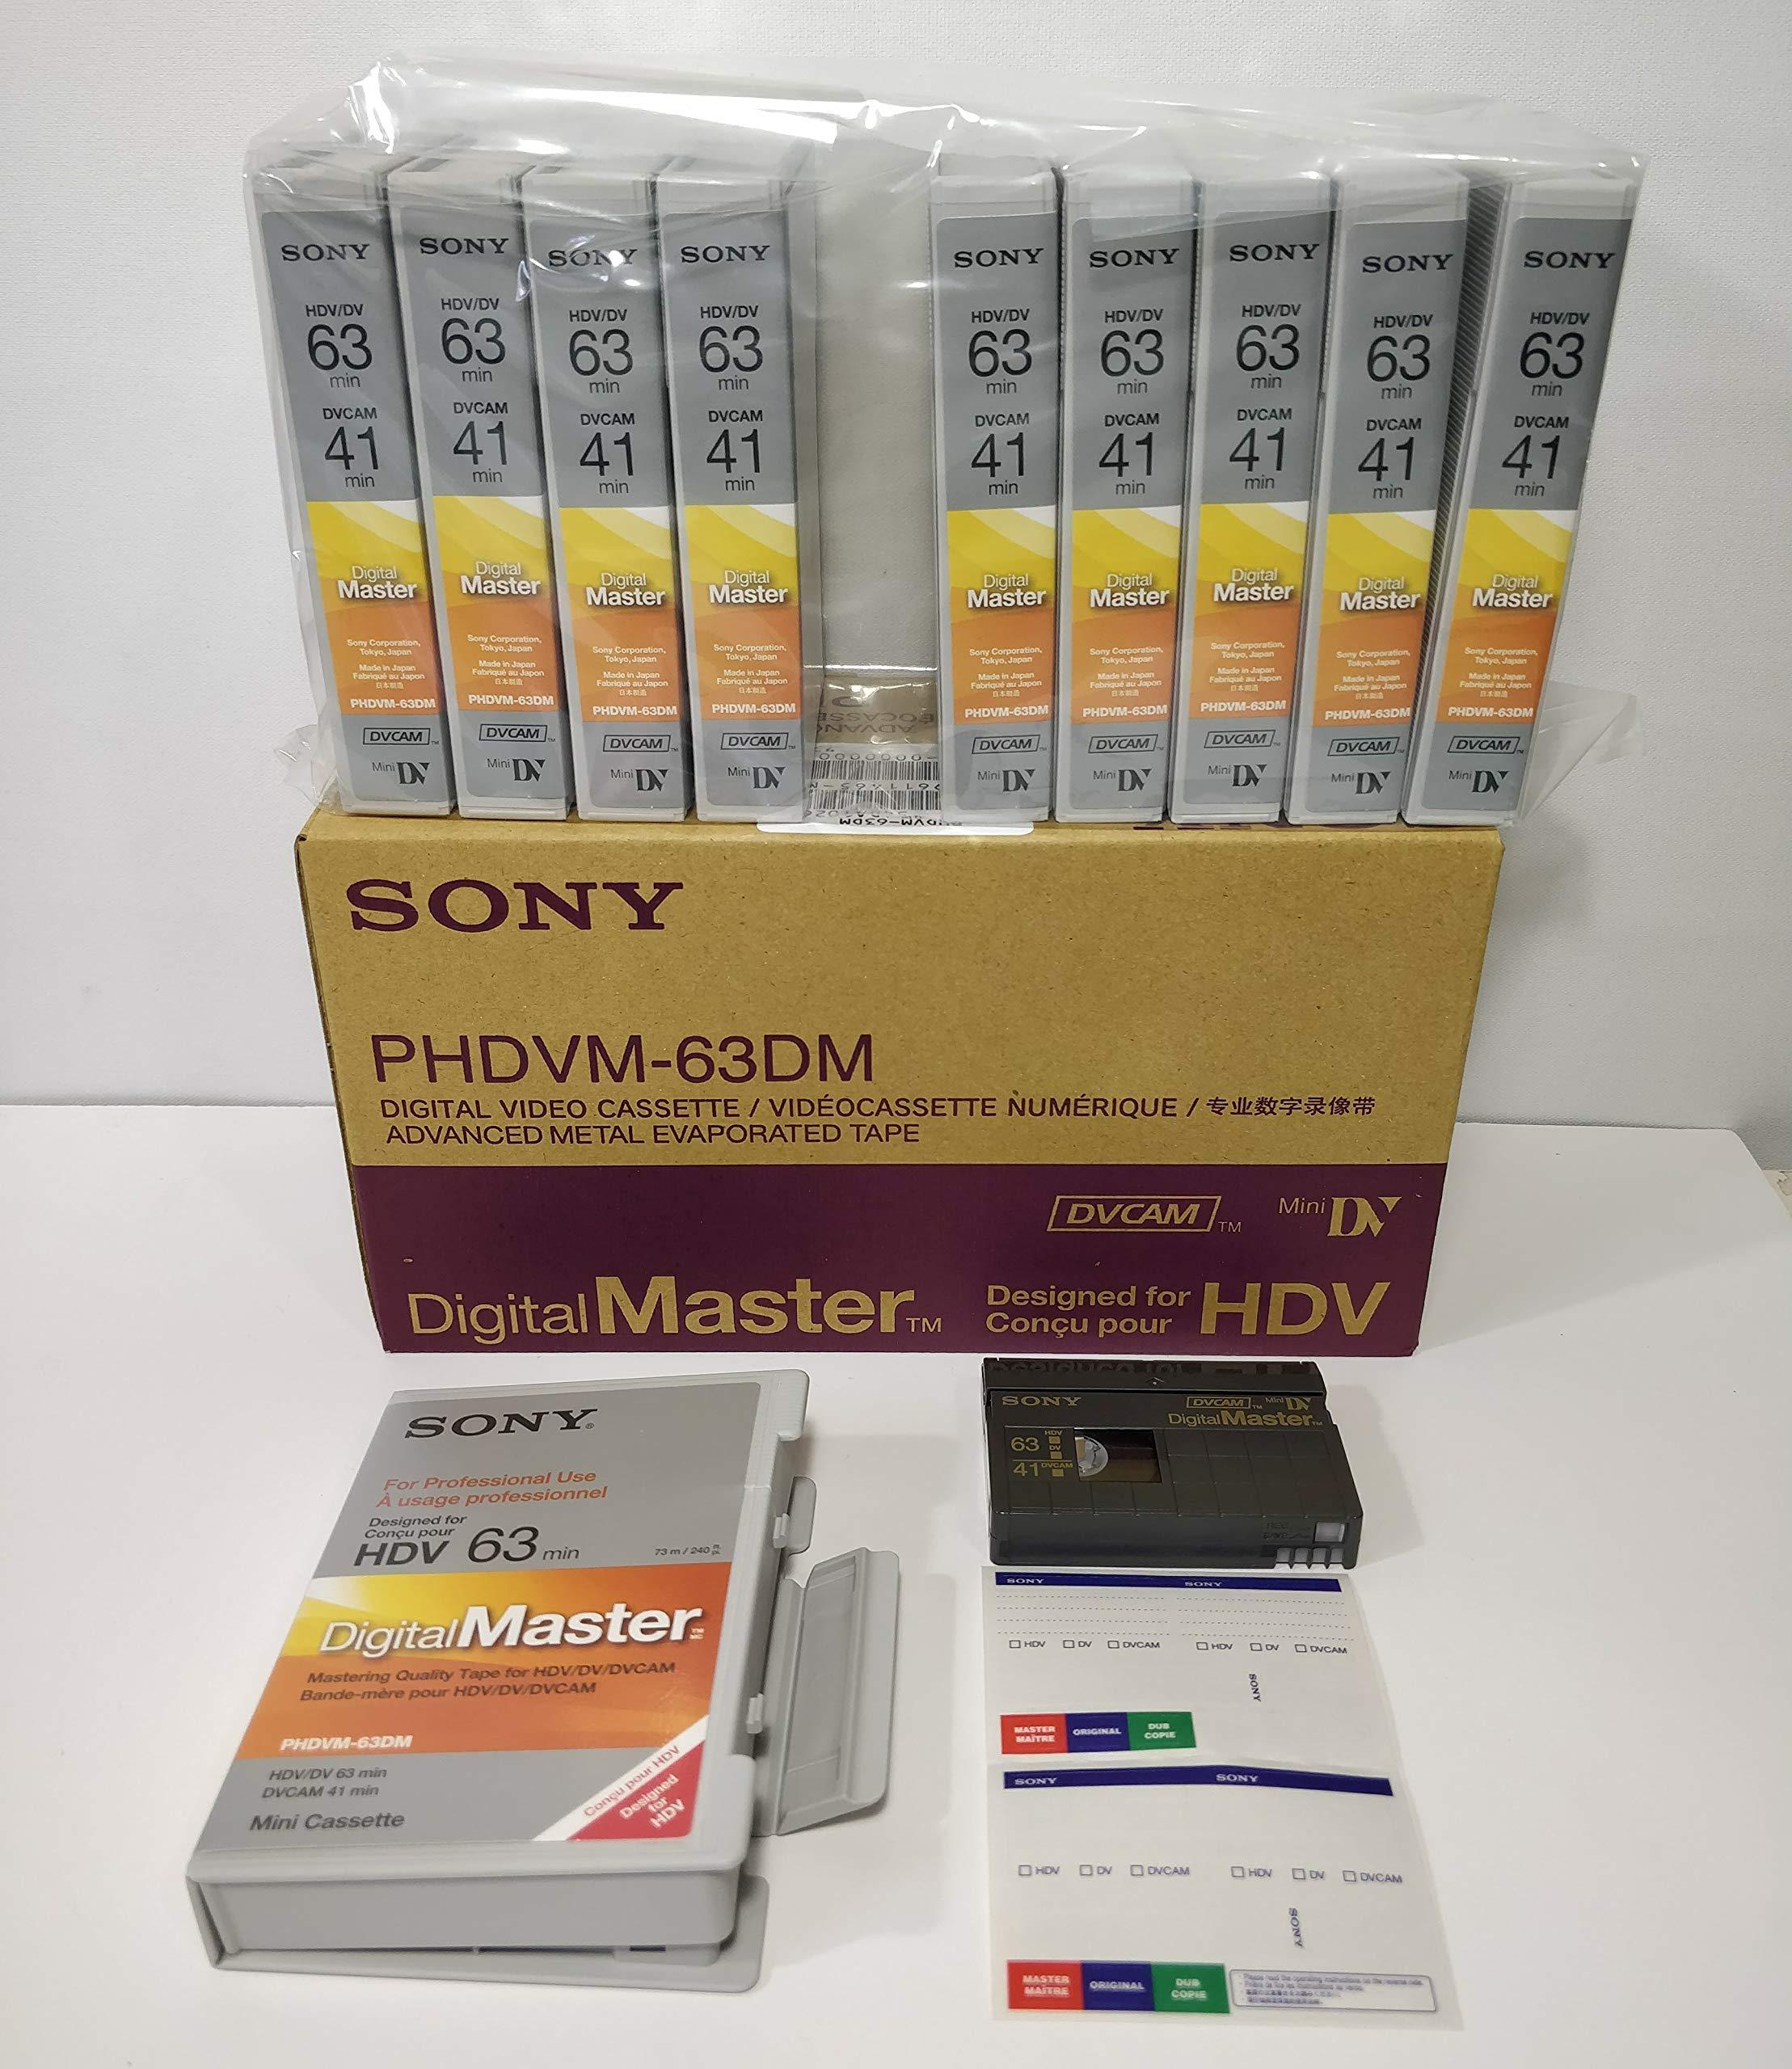 PHDVM-63DM DigitalMaster DV/HDV/DVCAM Tape (10 Pack) by Sony